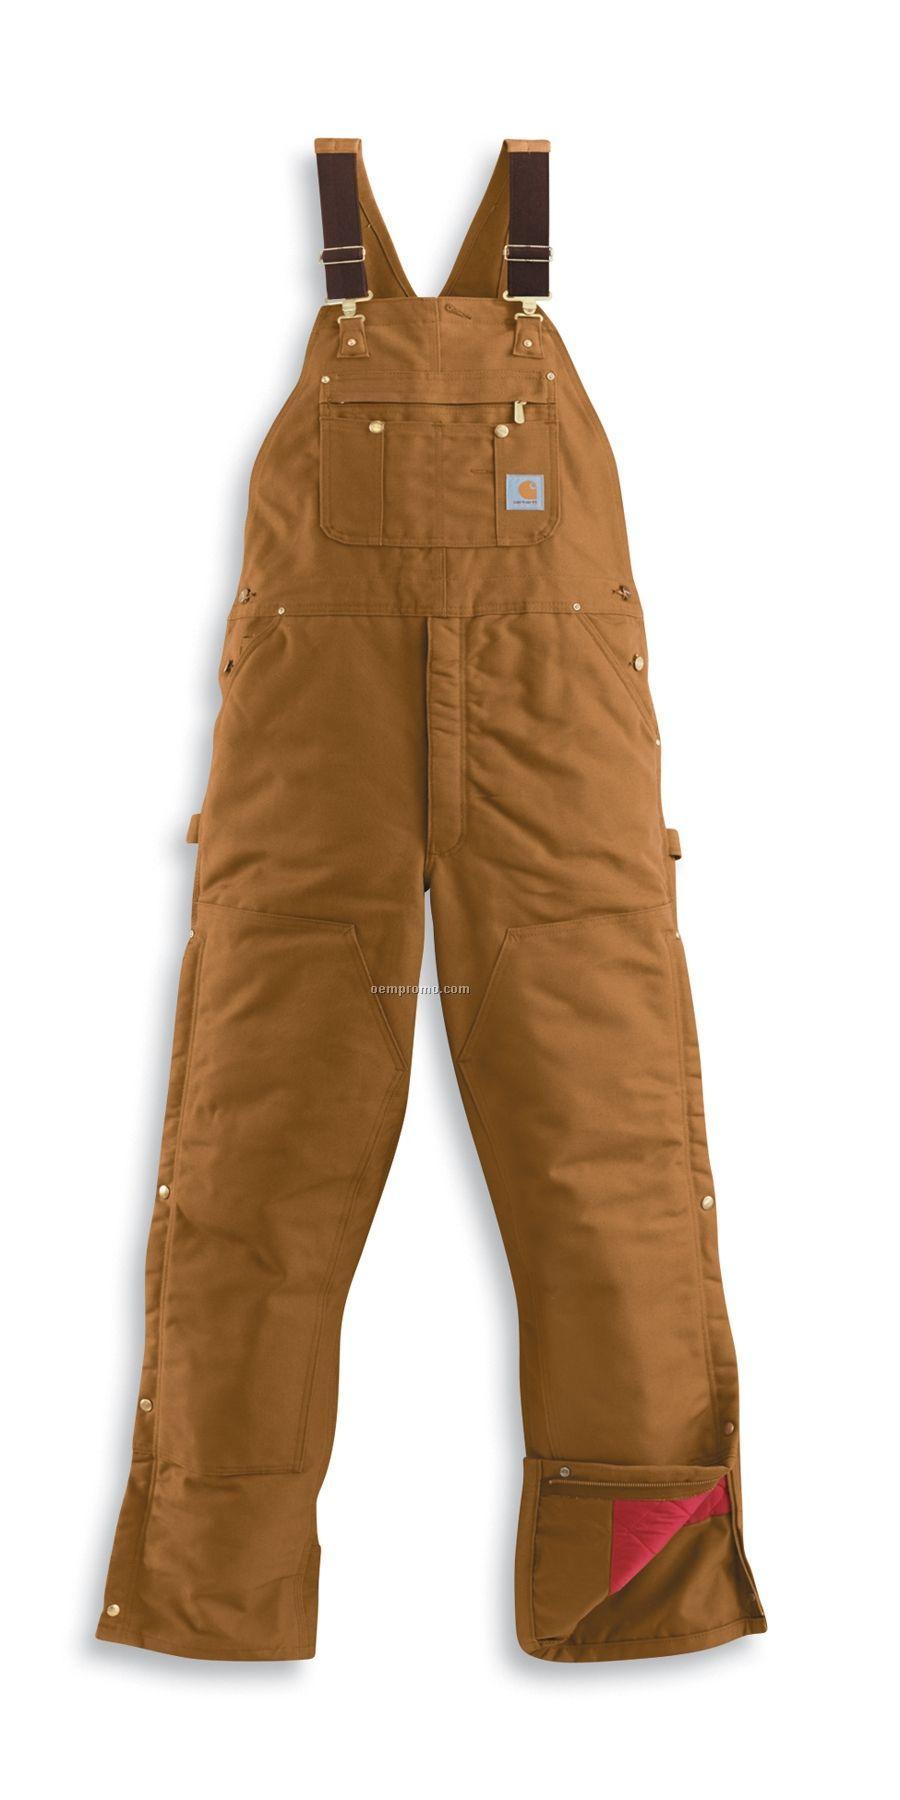 Carhartt Men's Duck Zip-to-thigh Bib Overalls W/ Chap Like Front